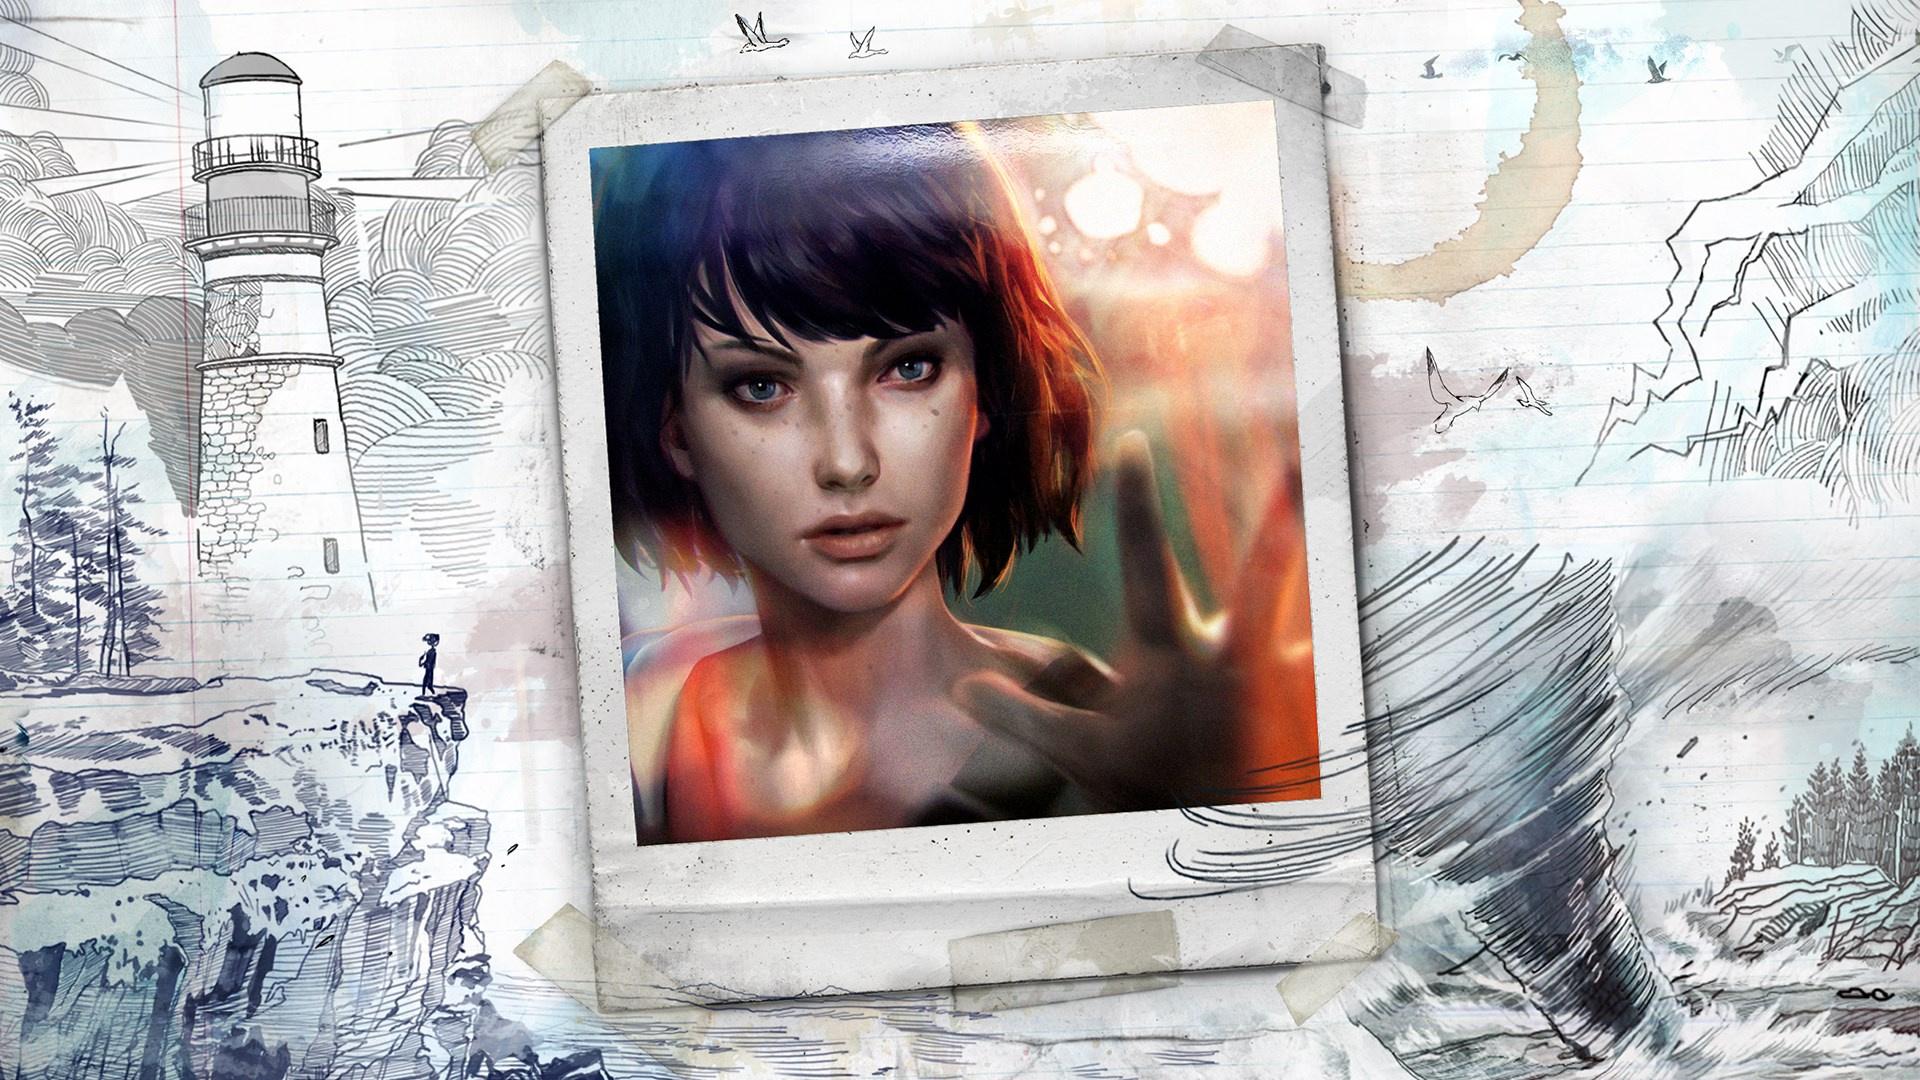 Dontnod впервые выступит издателем игры сторонней студии